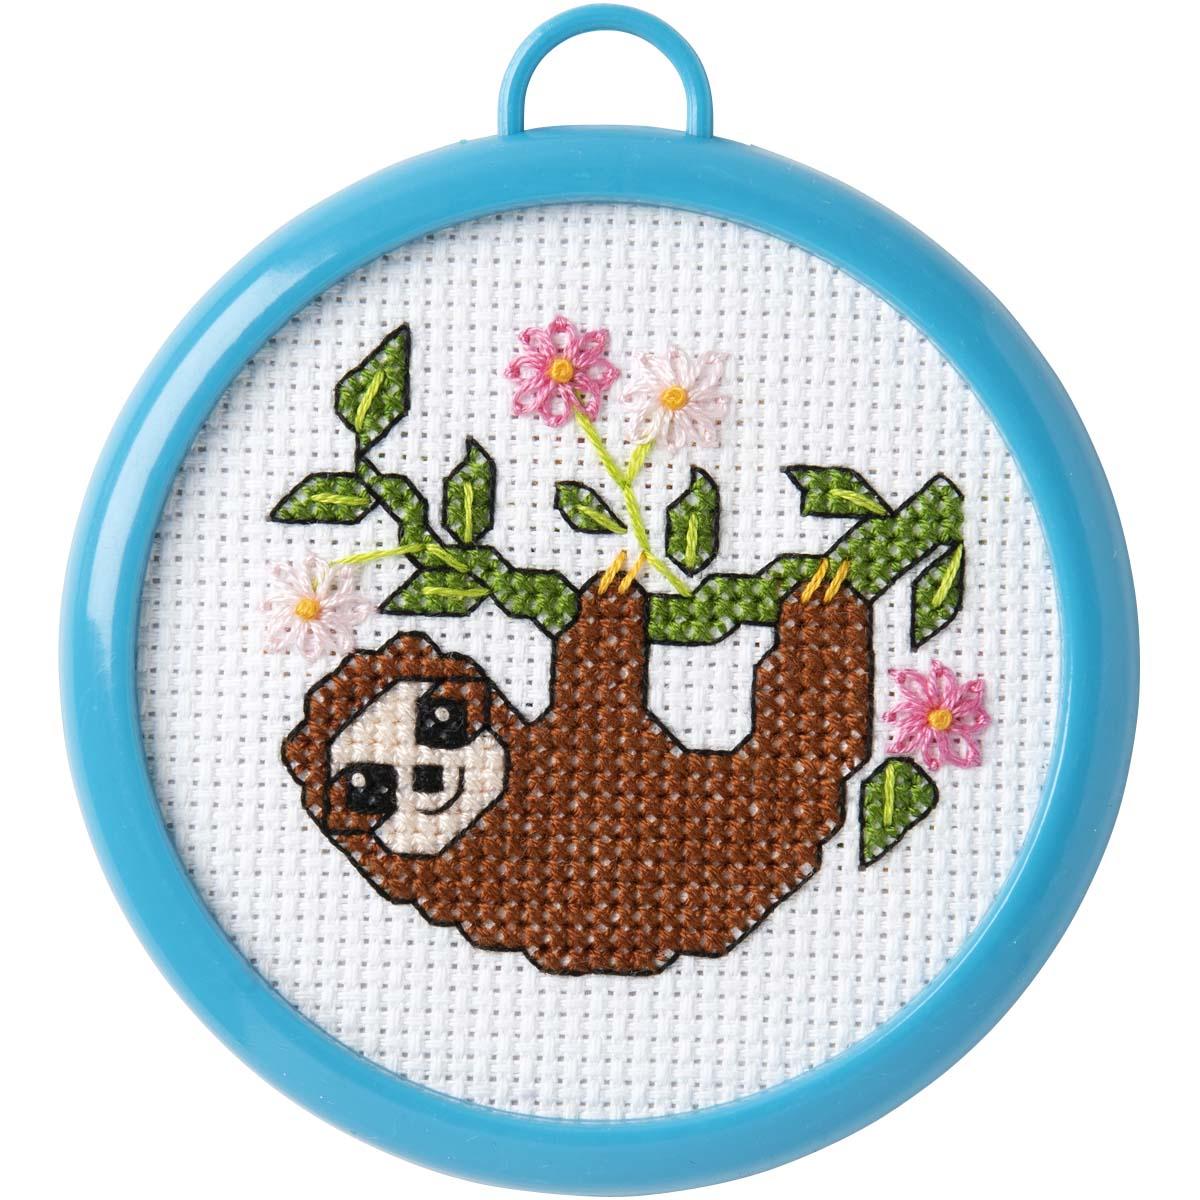 Bucilla ® My 1st Stitch™ - Counted Cross Stitch Kits - Mini - Sloth - 47892E